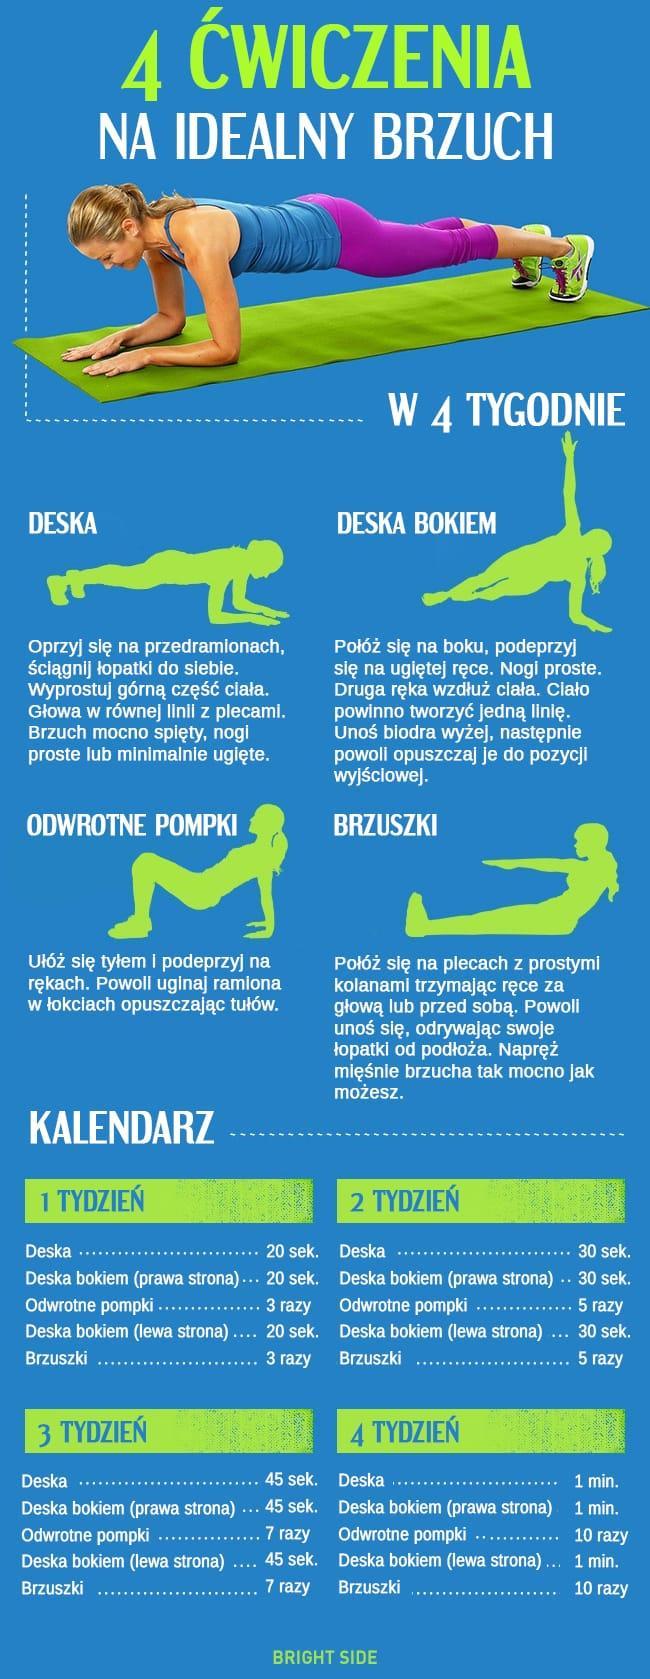 cwiczenia_na_idealny_brzuch